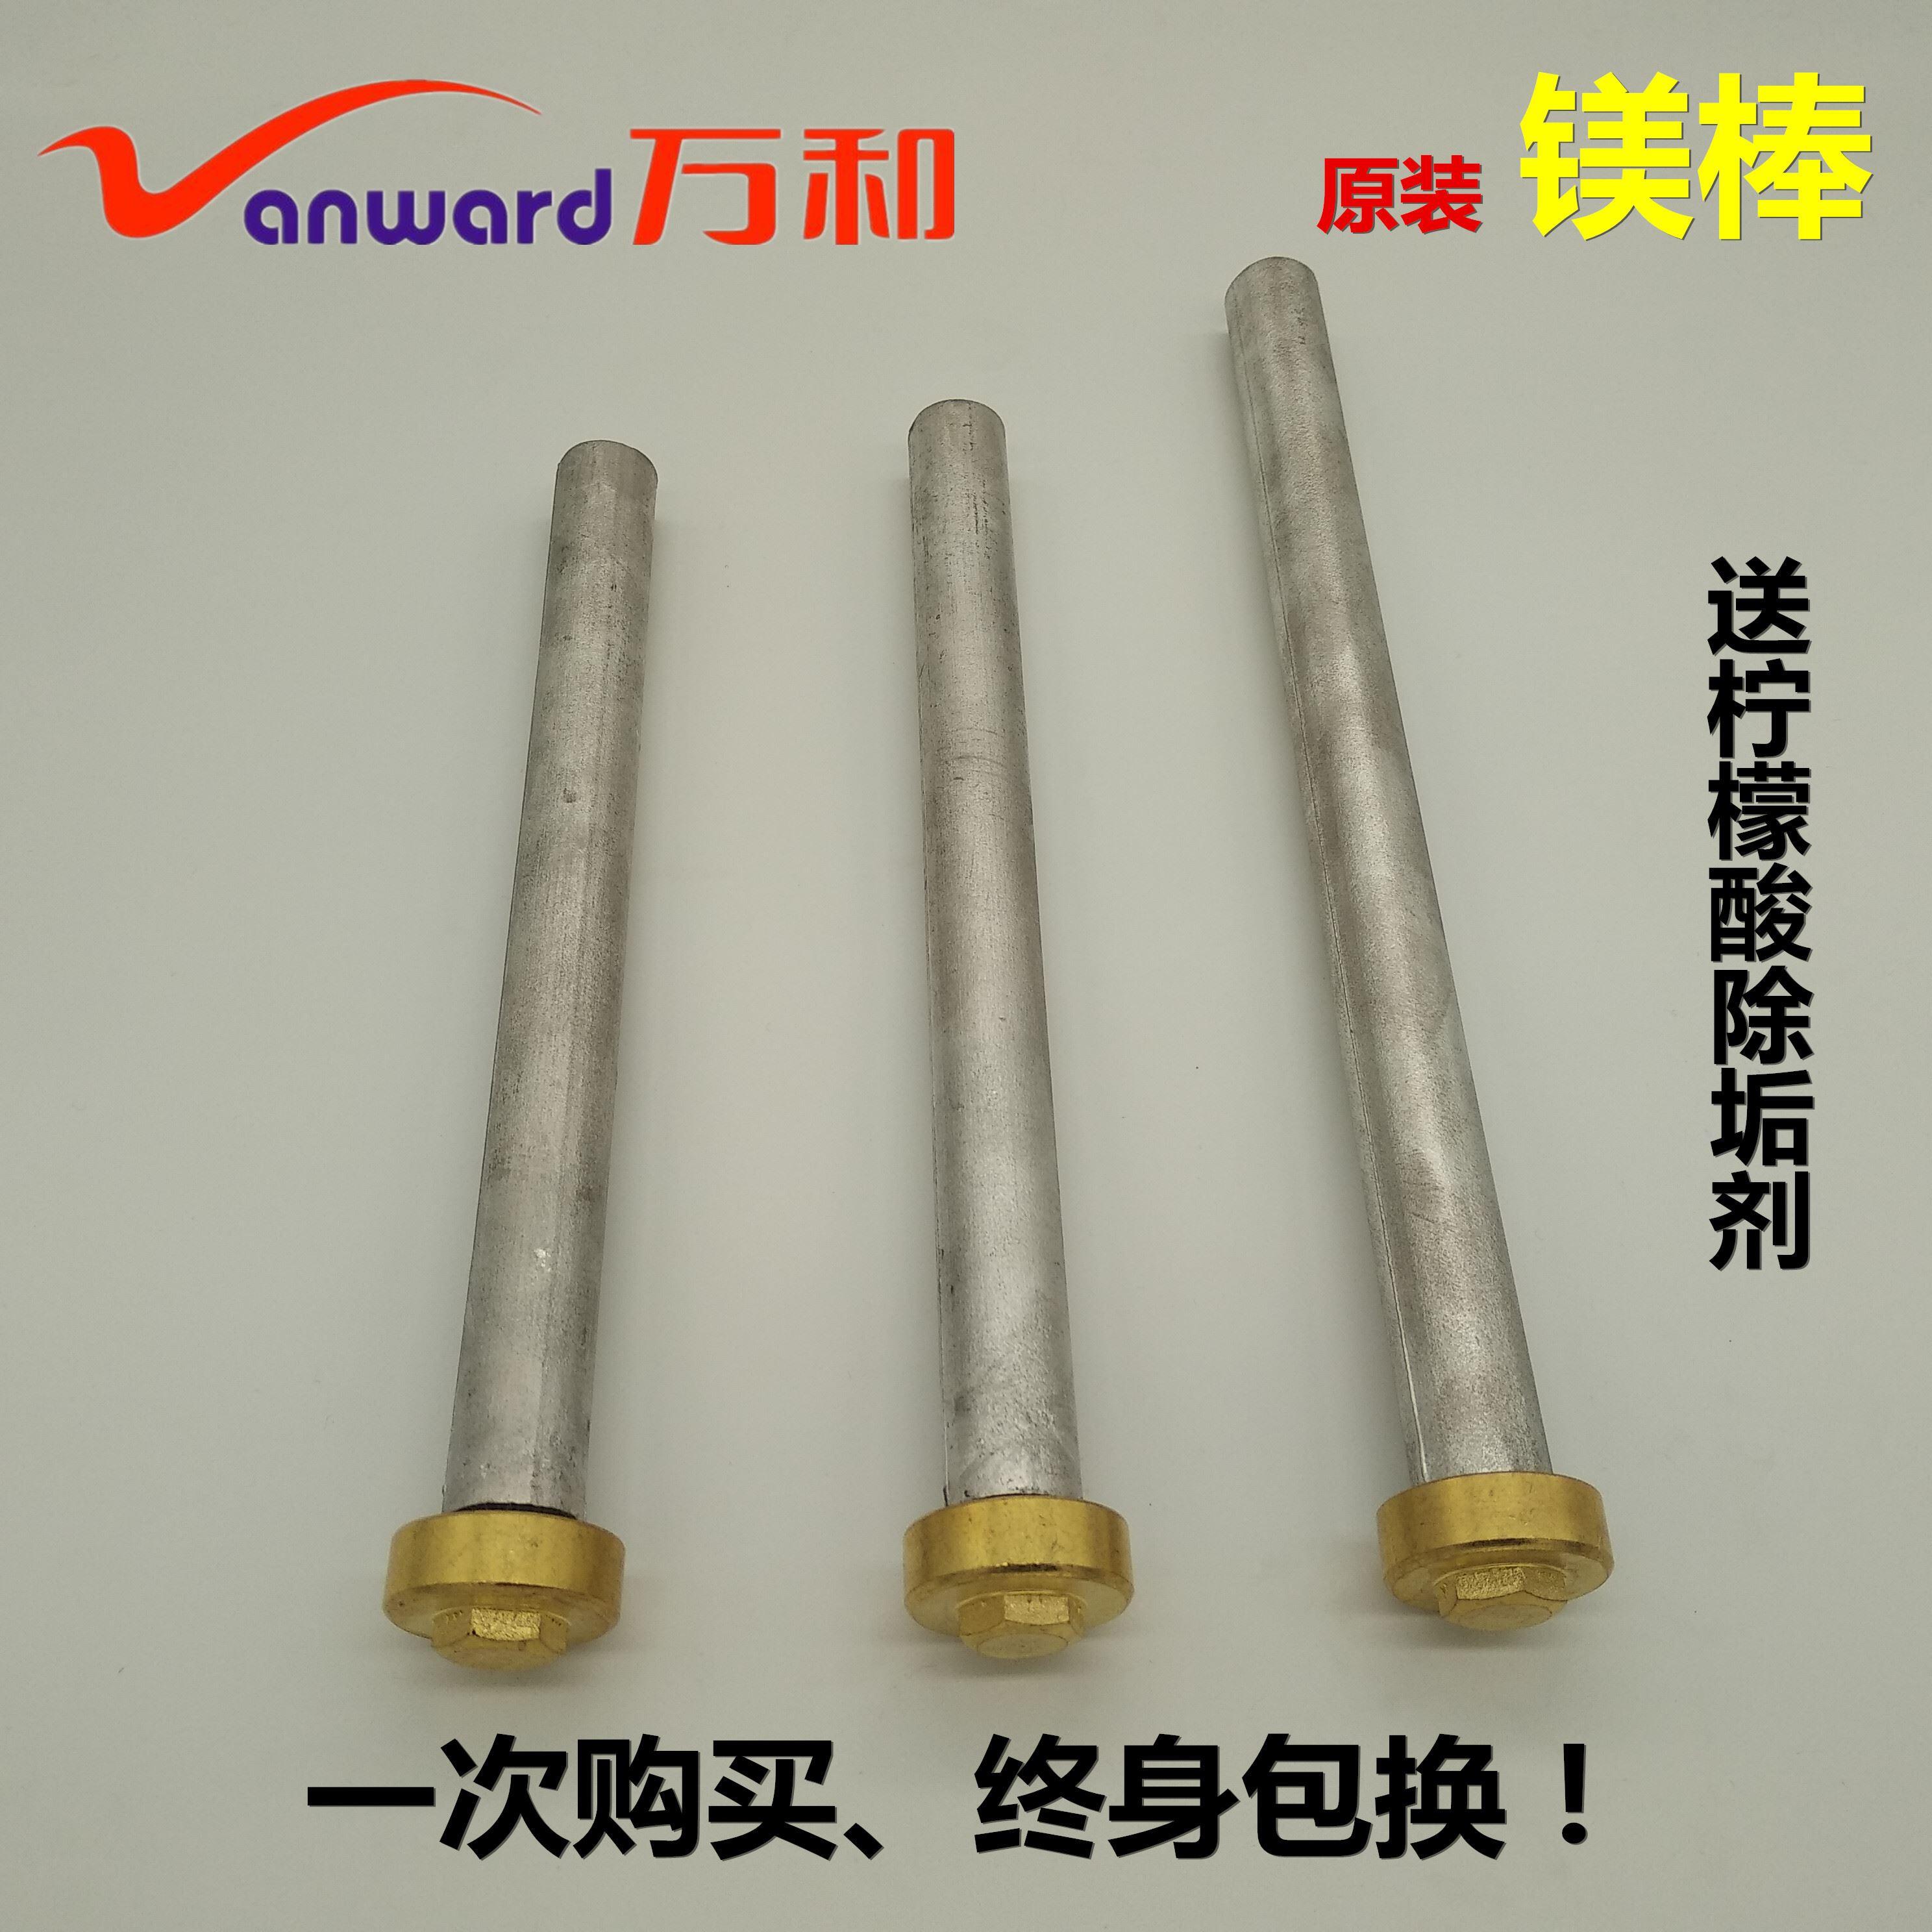 万和电热水器镁棒通用棒原装棒40/50/60/80L升除垢排污口阳极配件